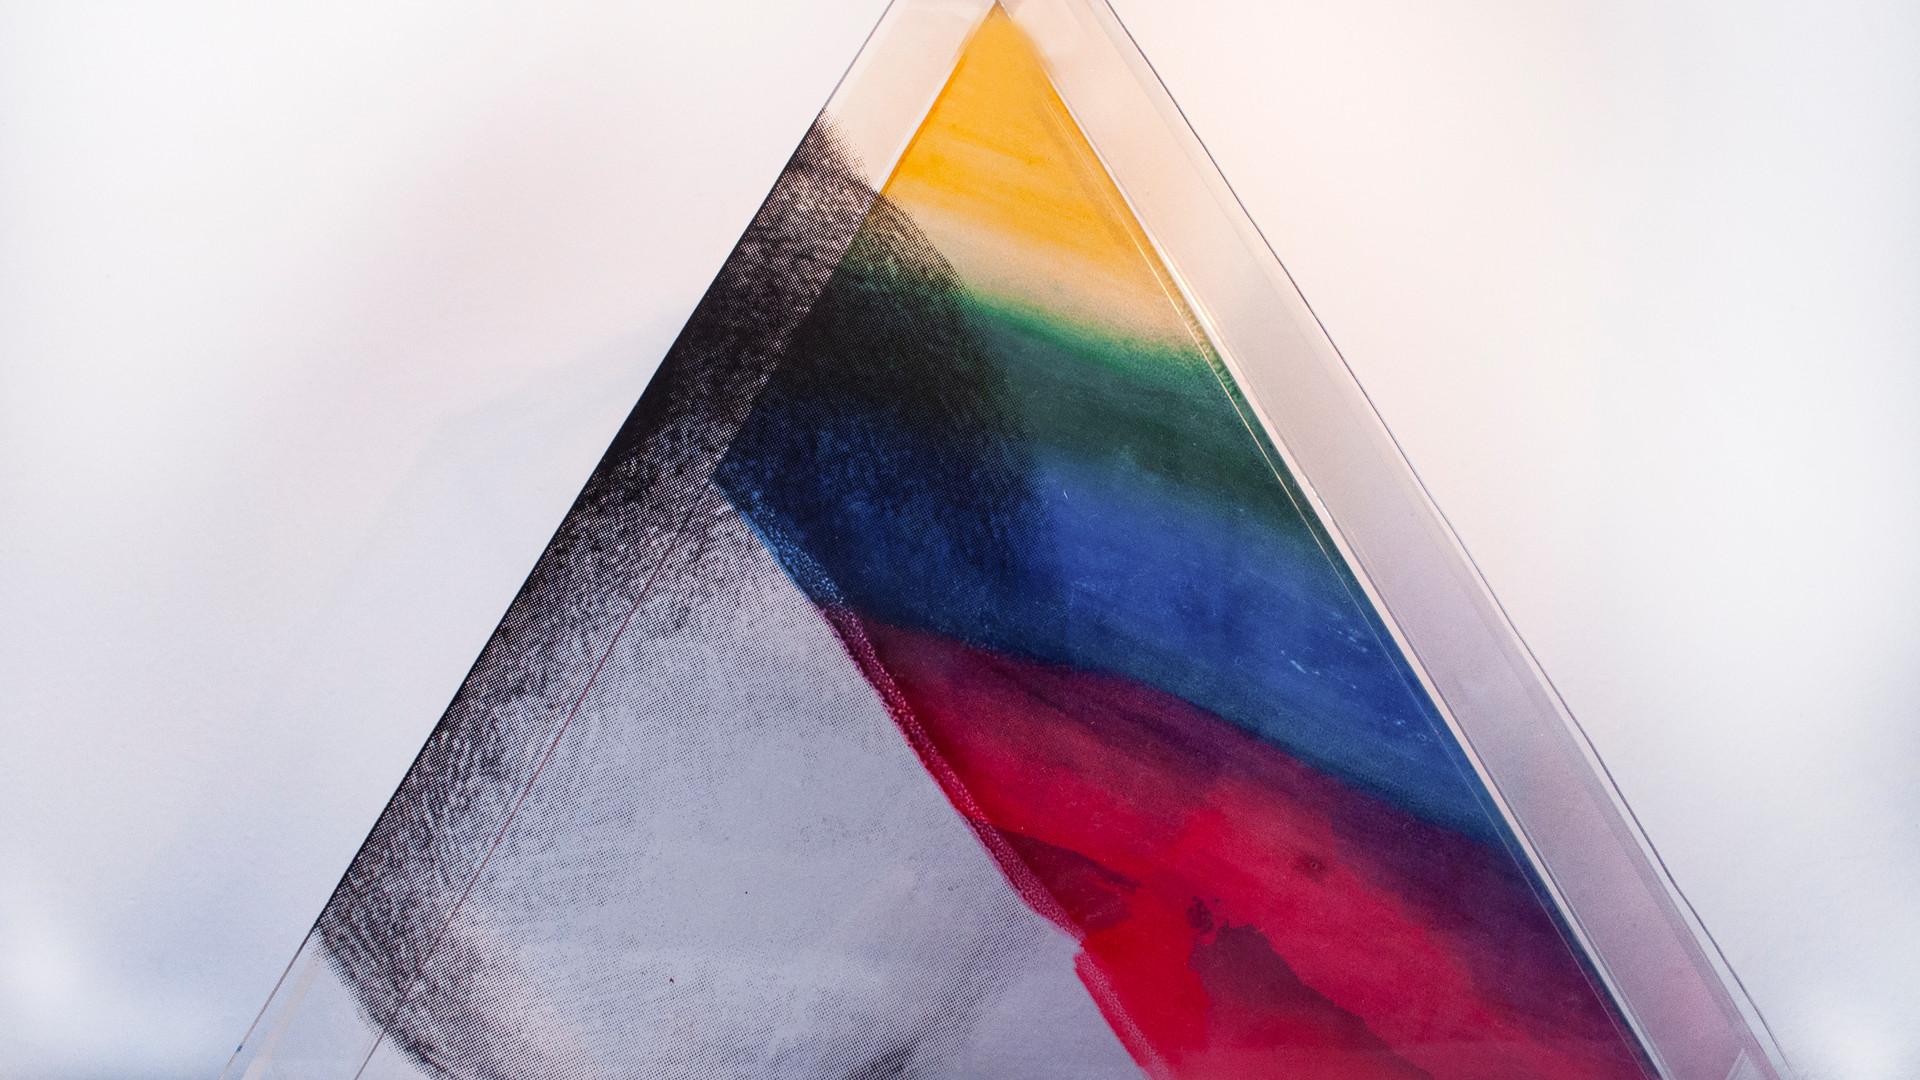 GABRIELA NOUJAIM Superfície circular | 2019 Serigrafia sobre acrílico 34,7 x 40 cm Edição: 1 + PA